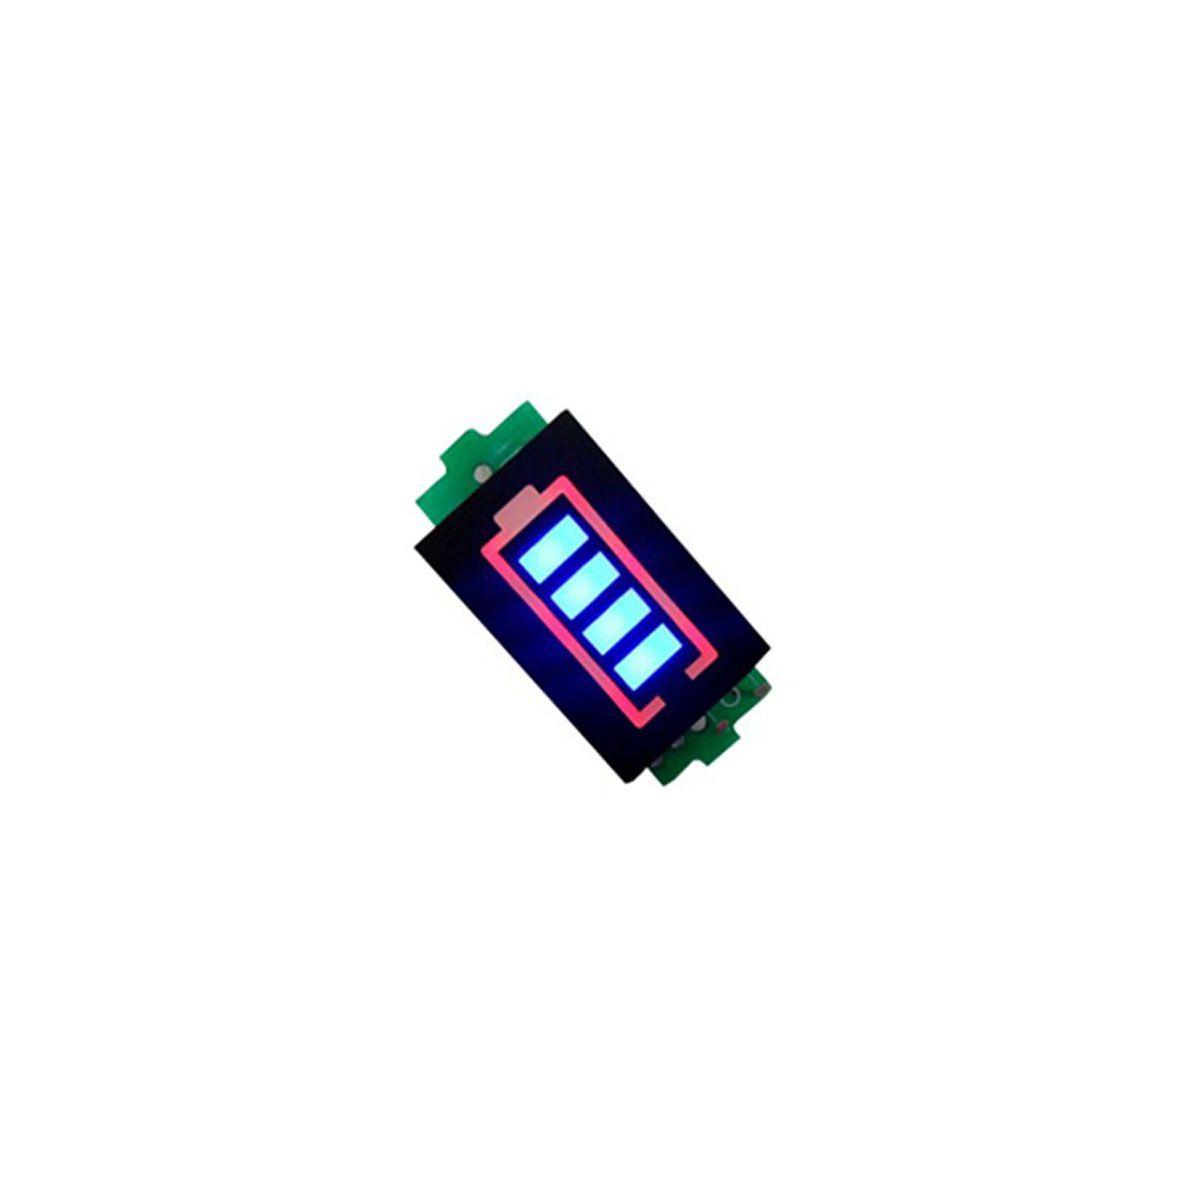 2x Voltímetro com Display Indicador de Nível de Carga para Baterias 2S 8,4V